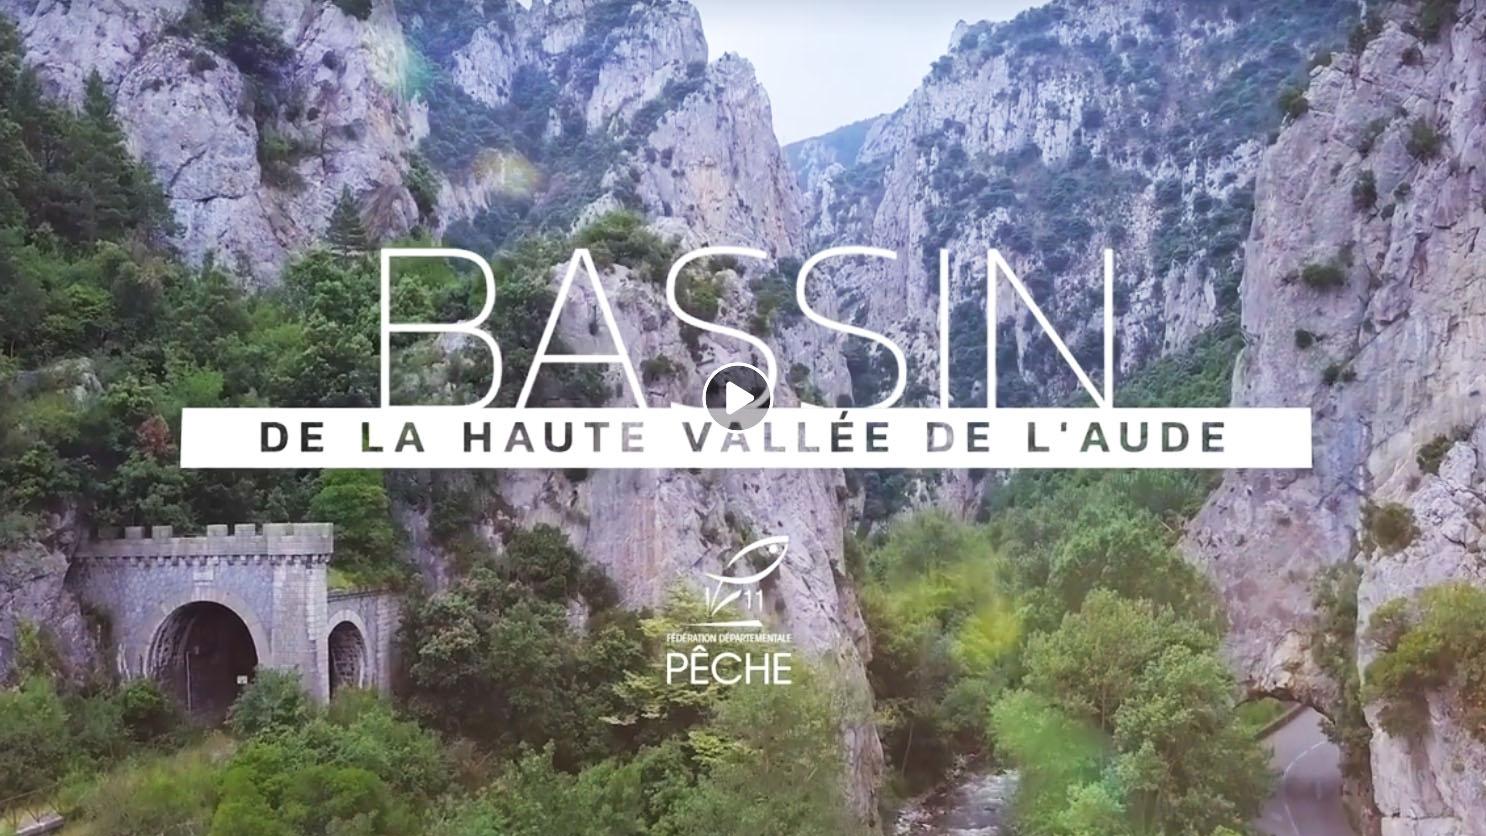 Vidéo de promotion de la pêche en Haute Vallée de l'Aude